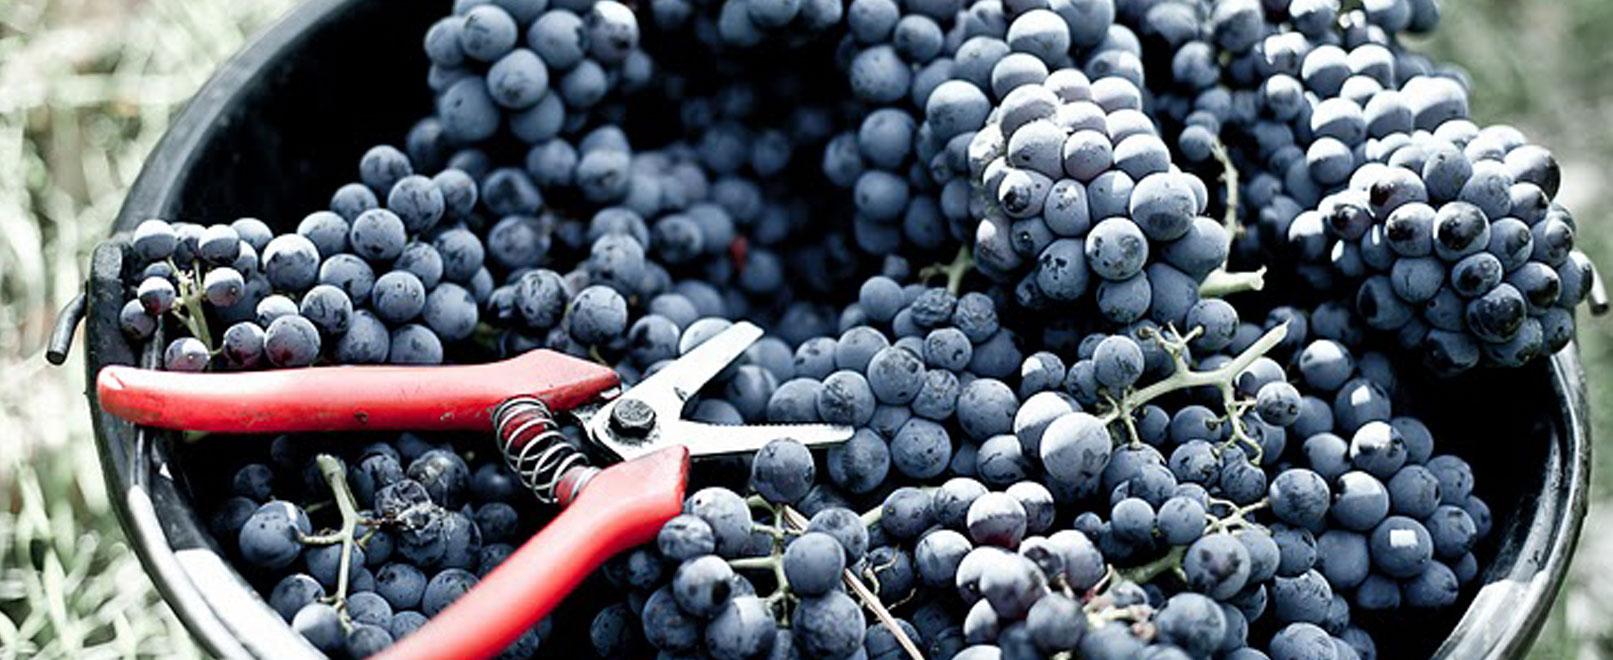 Las mejores ideas para descubrir los viñedos de una forma original  © Chateau-Pesquier